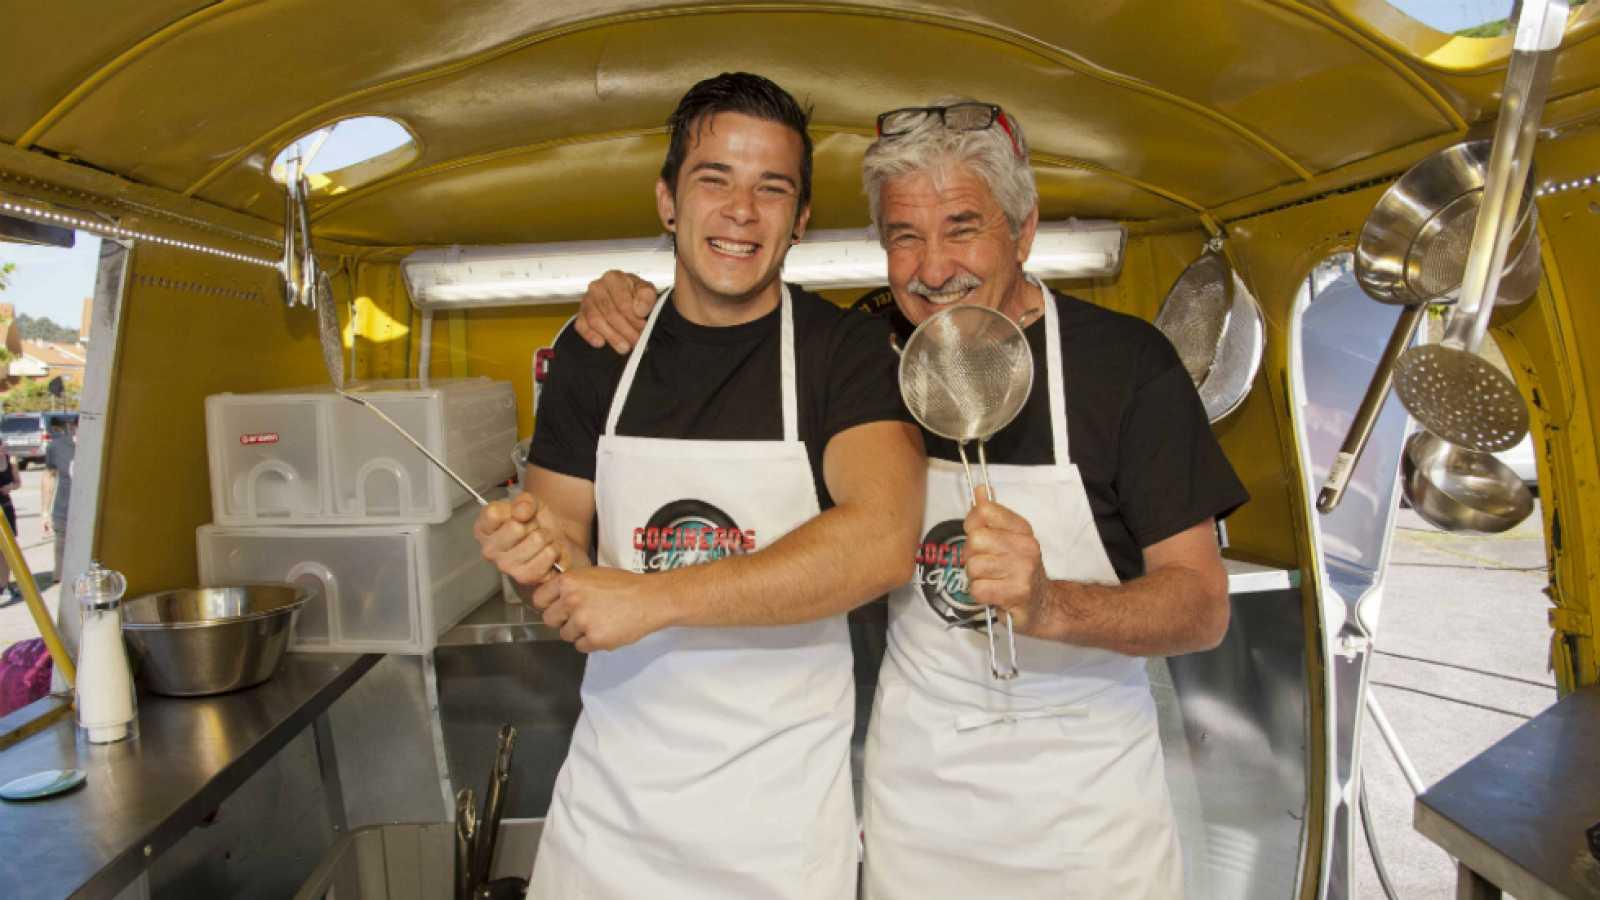 Cocineros al volante - 'Cocineros al volante', este martes a las 22.30 horas en La 1